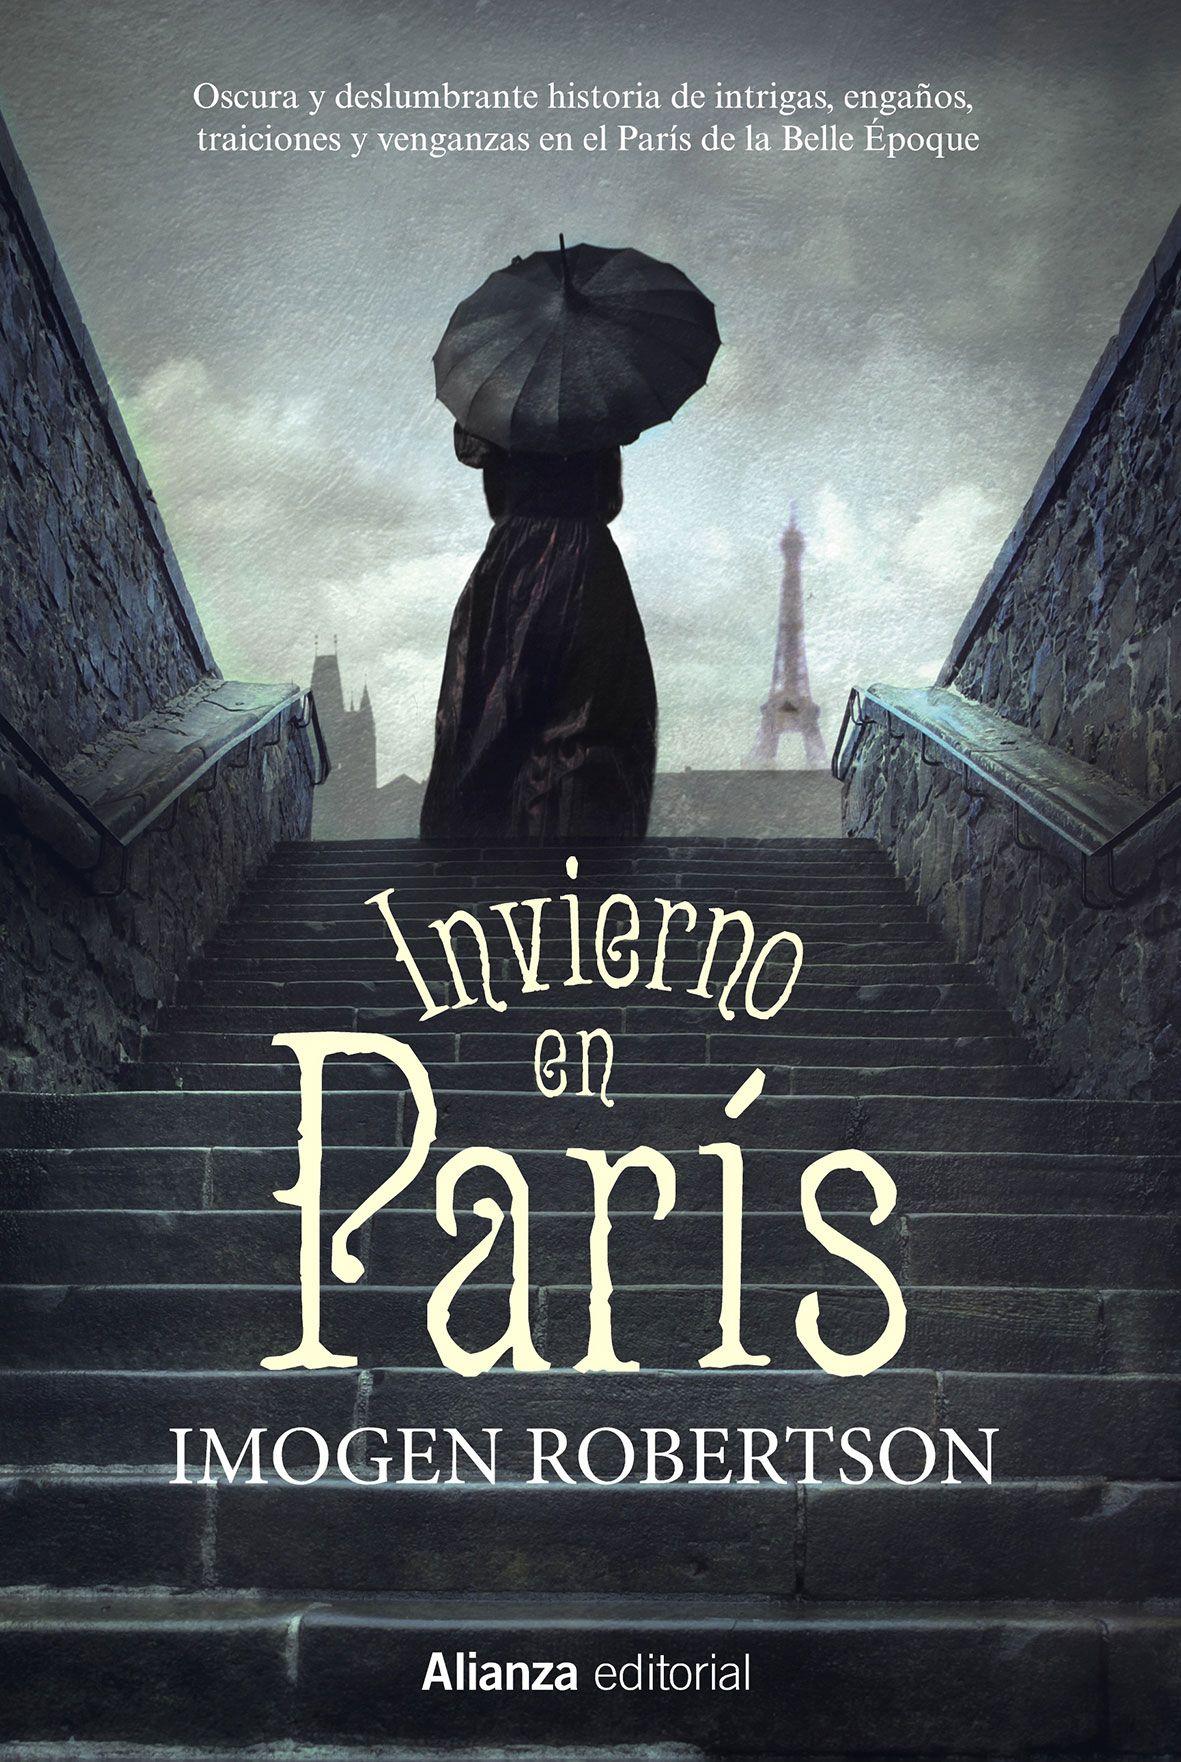 Una novela de mentiras y traiciones, enigmática y elegantemente evocadora,  que recrea de manera sin igual aquel París de fin de época, ...